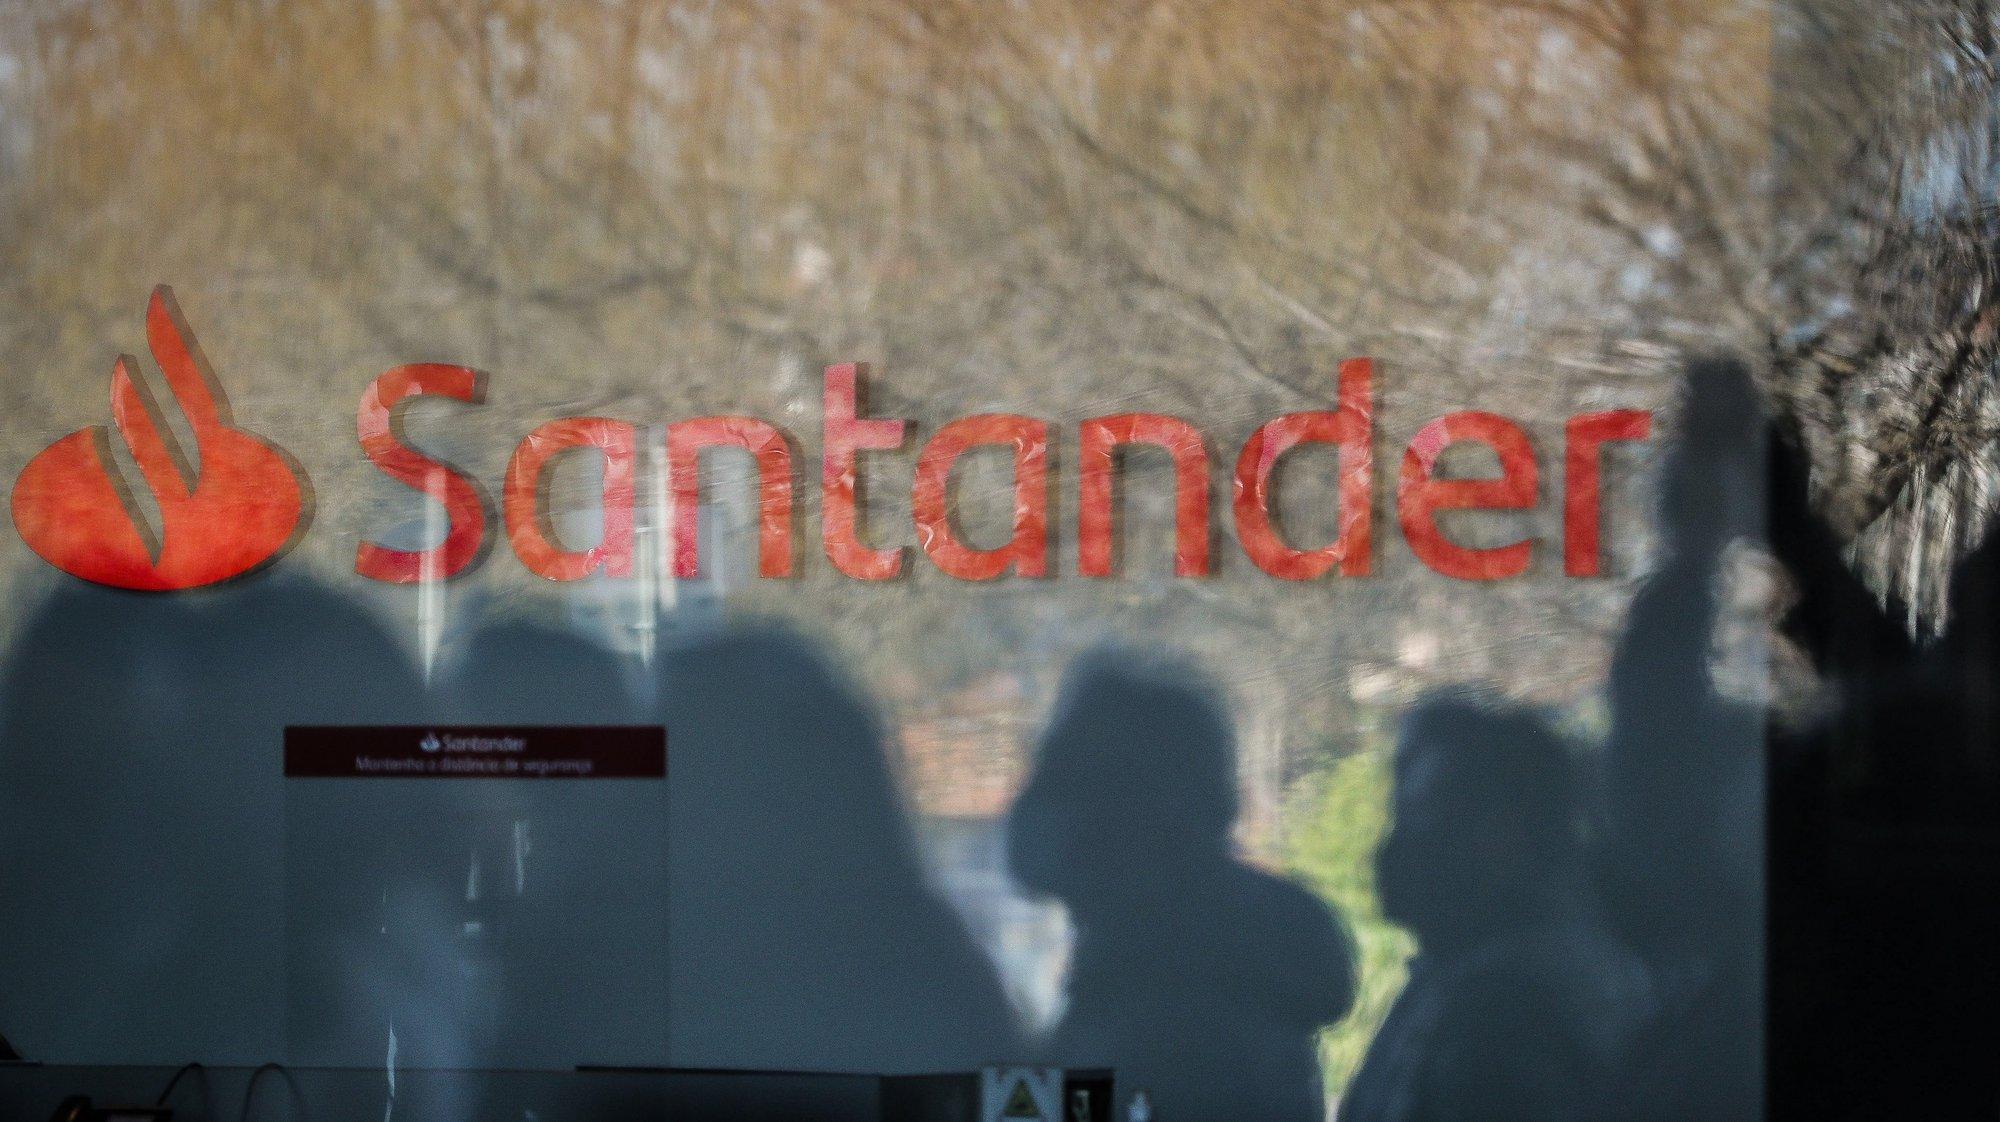 Trabalhadores do Banco Santander Totta participam na concentração em protesto pelo plano da administração de reorganização do banco que prevê a supressão de centenas de postos de trabalho, no Centro Santander Totta, em Lisboa, 18 de março de 2021. MÁRIO CRUZ/LUSA